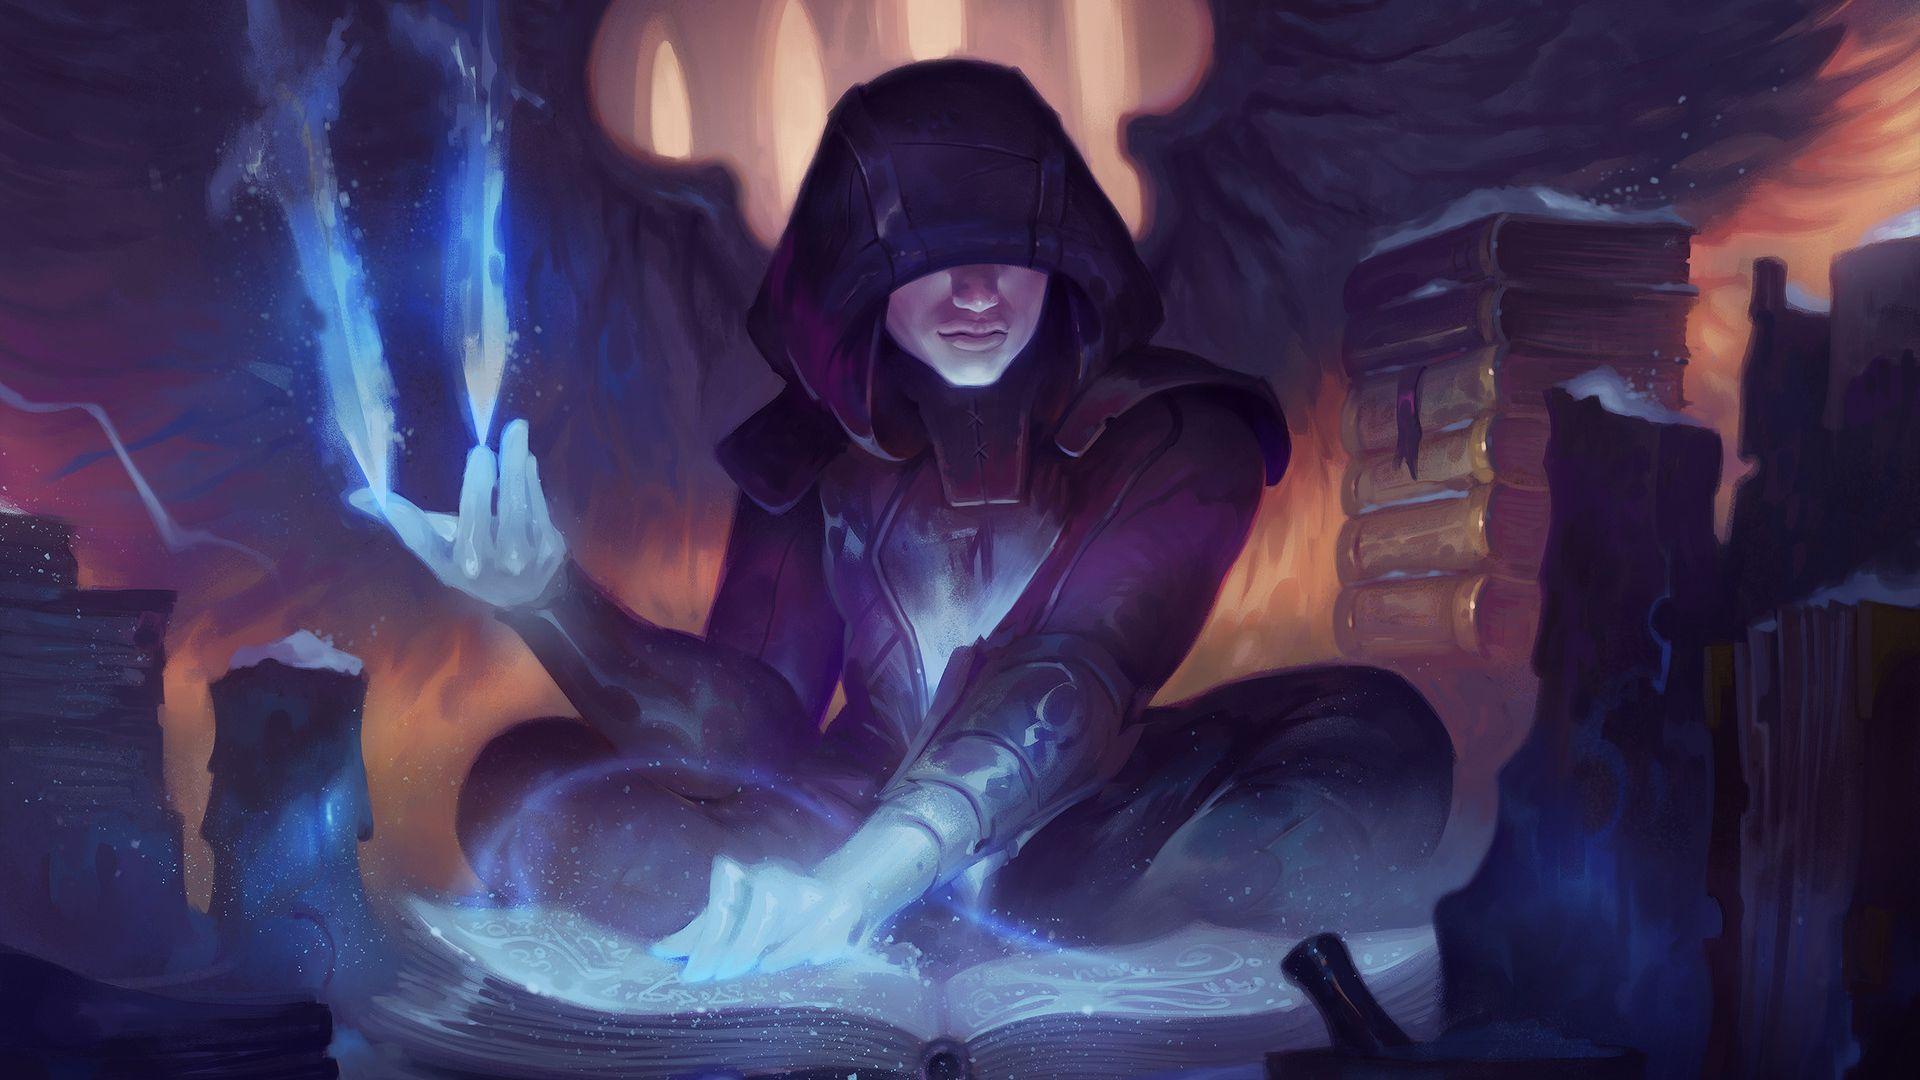 Wallpaper Fantasy, reading, warrior